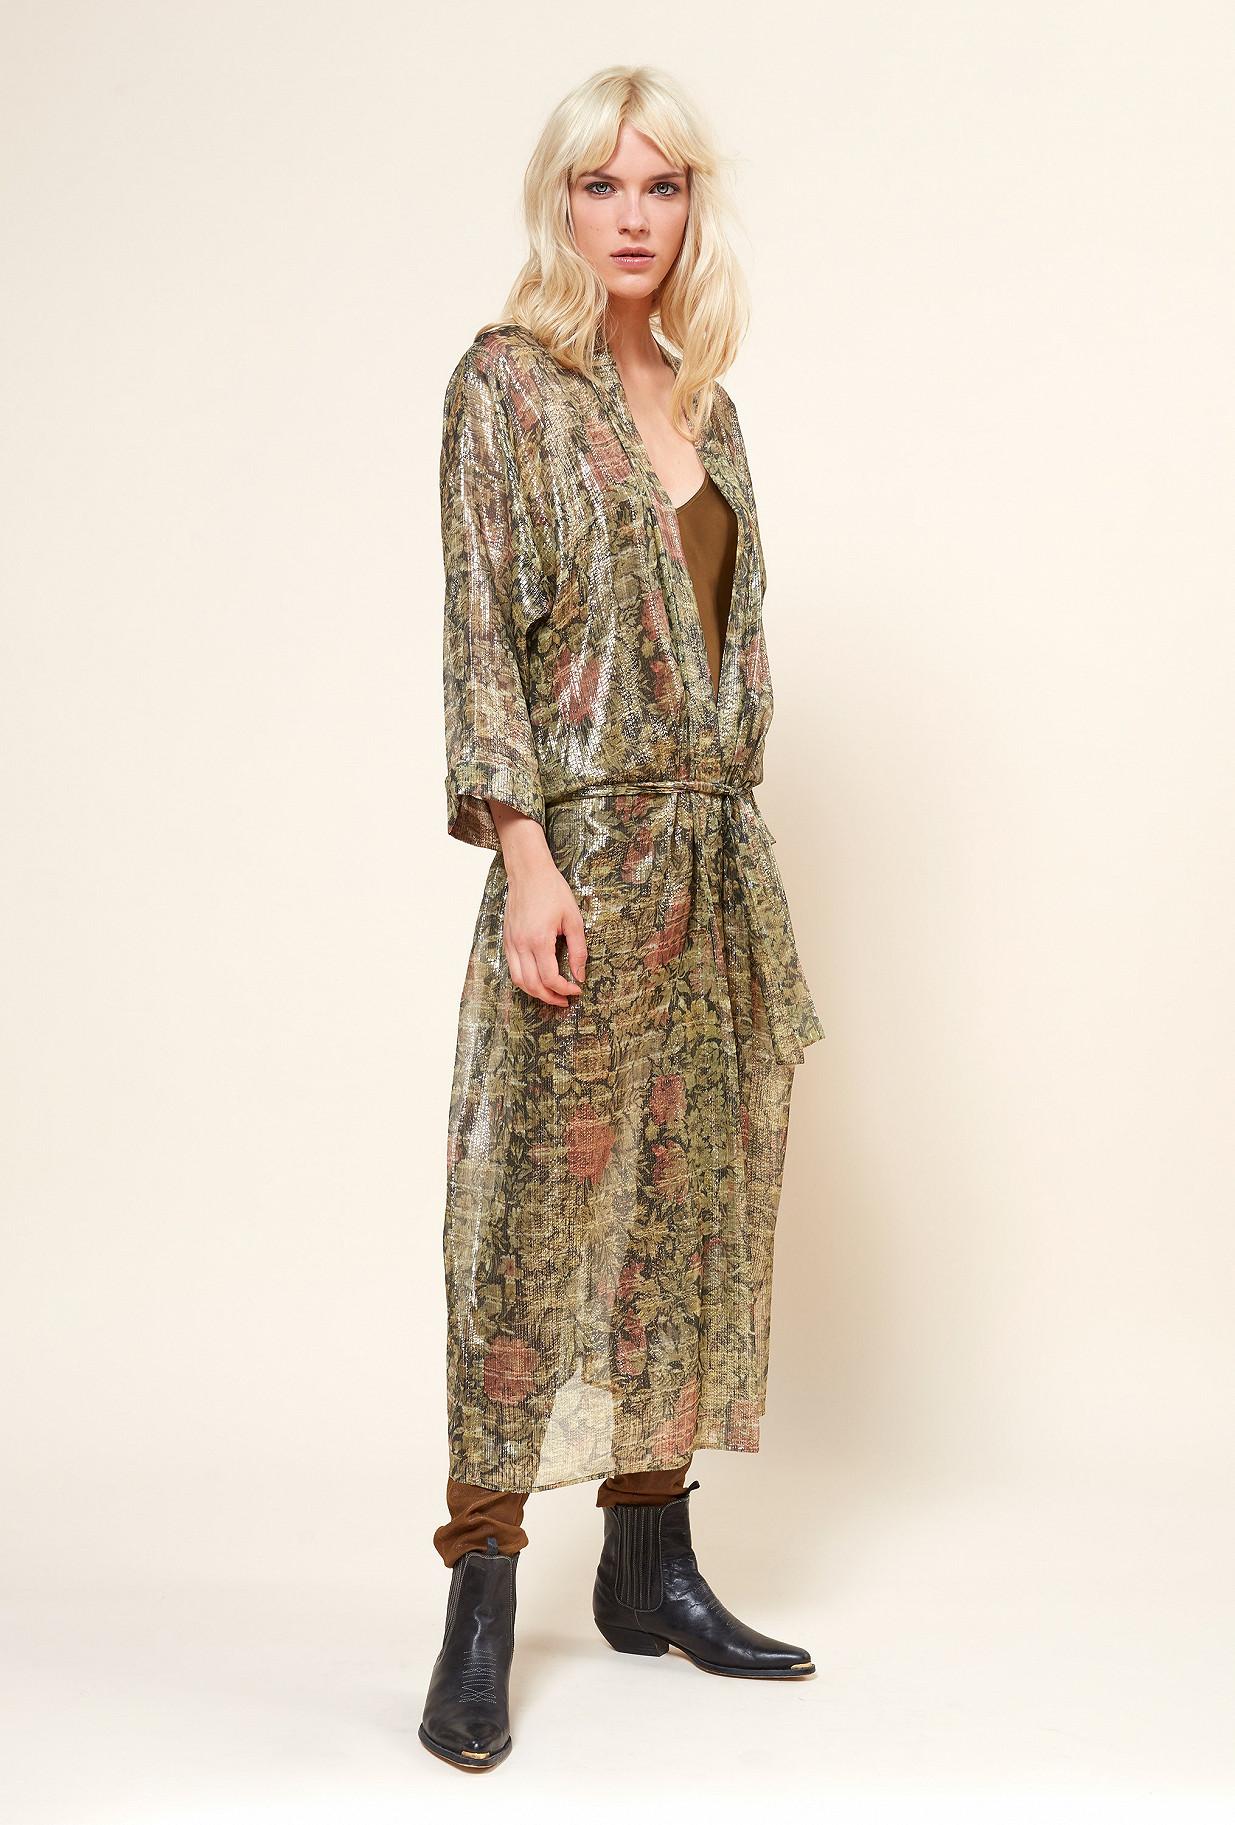 Paris boutique de mode vêtement KIMONO créateur bohème  Paissance